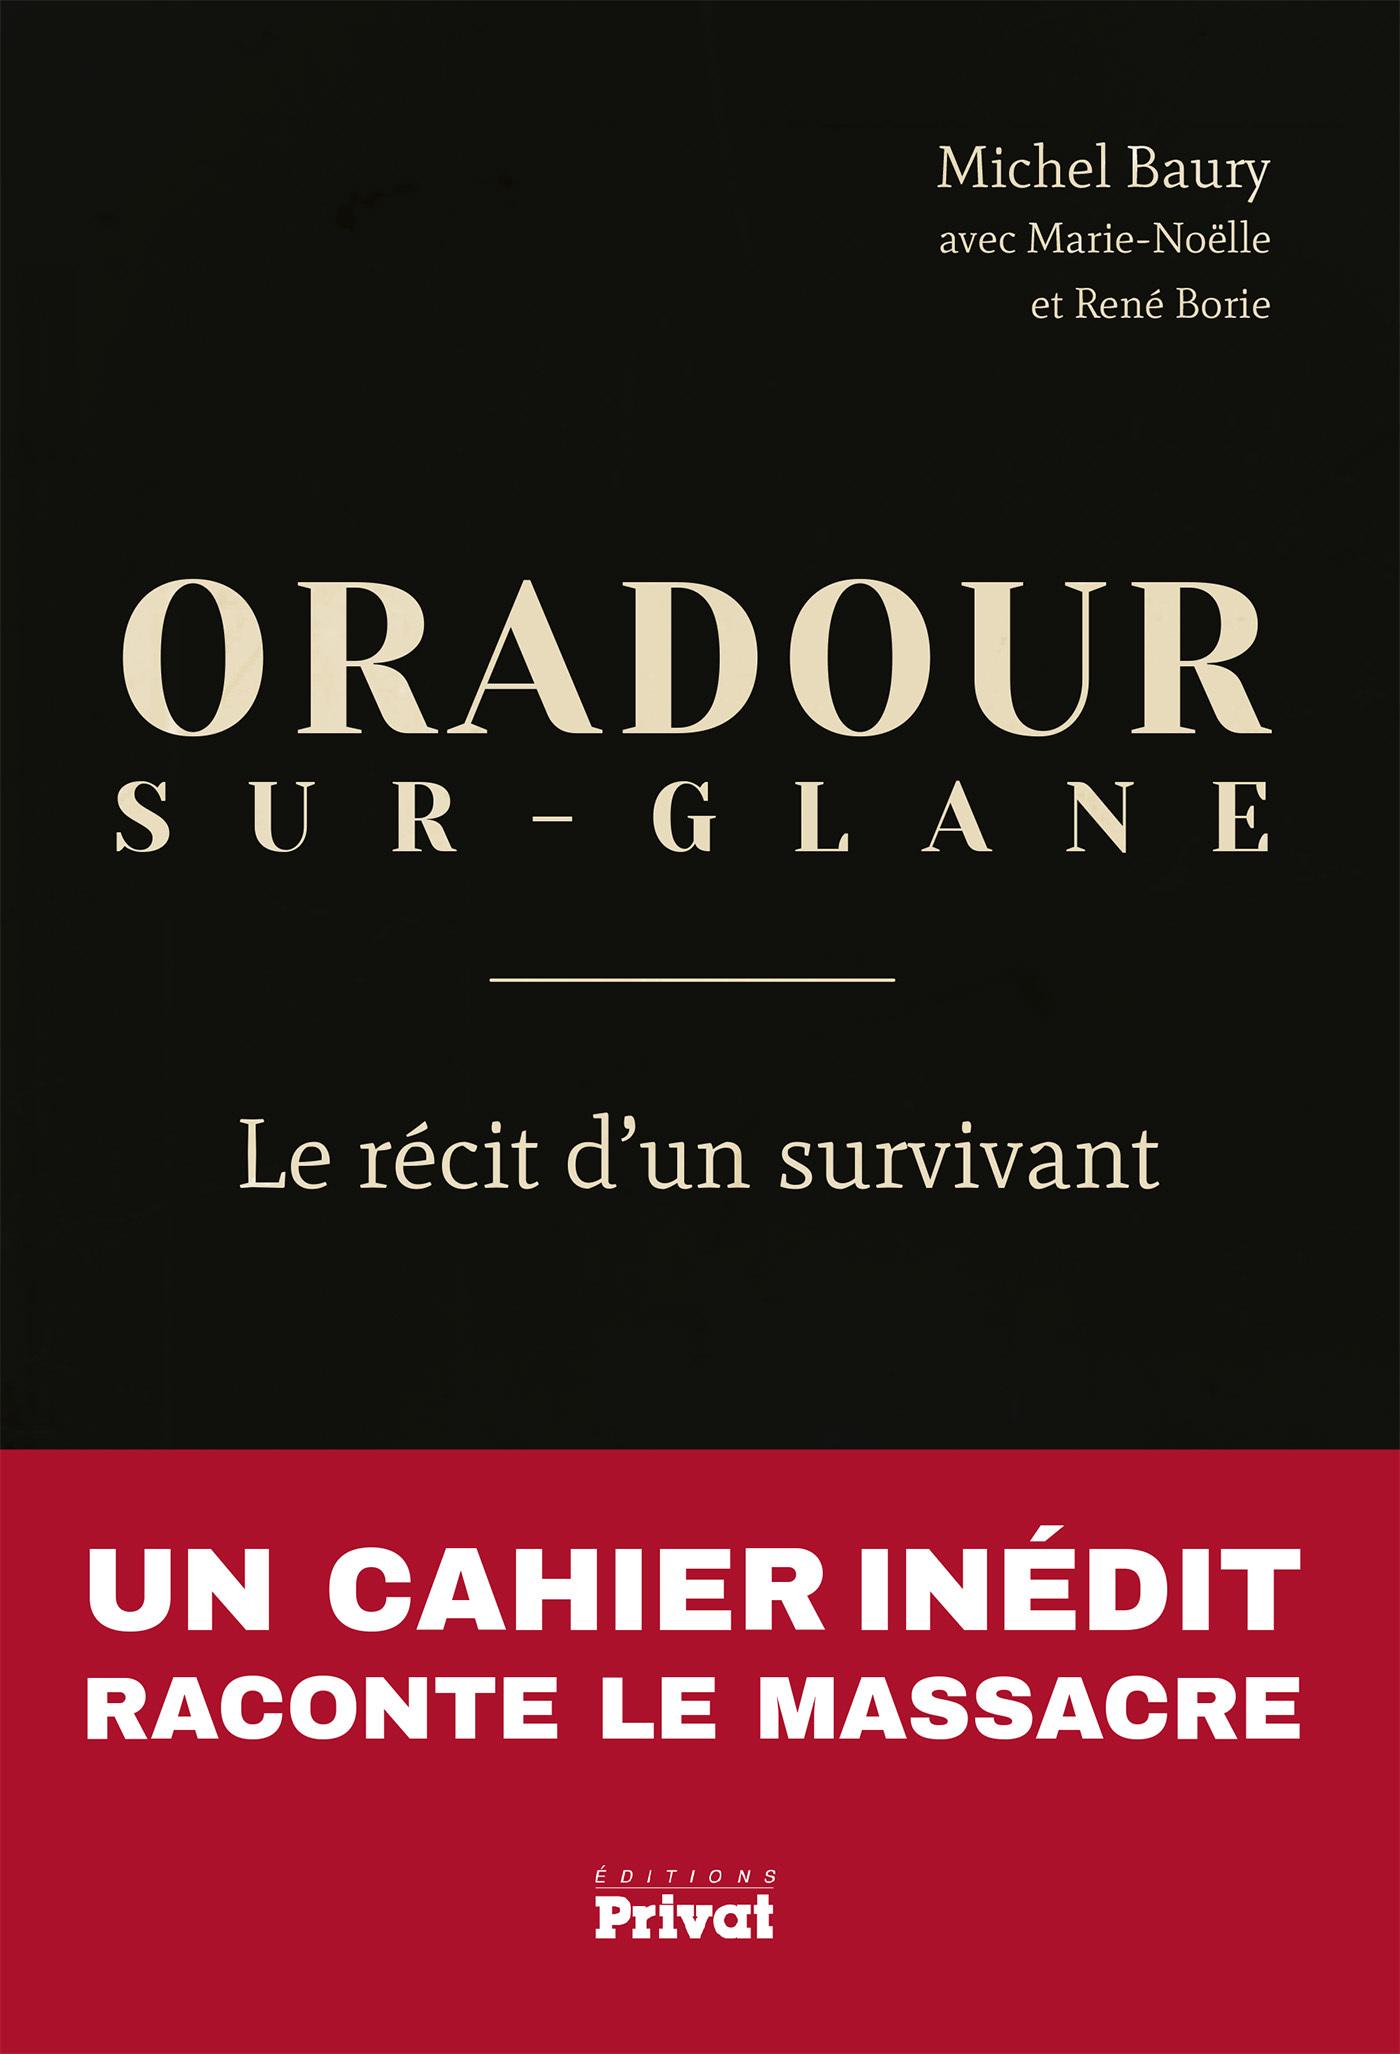 ORADOUR-SUR-GLANE, LE RECIT D'UN SURVIVANT